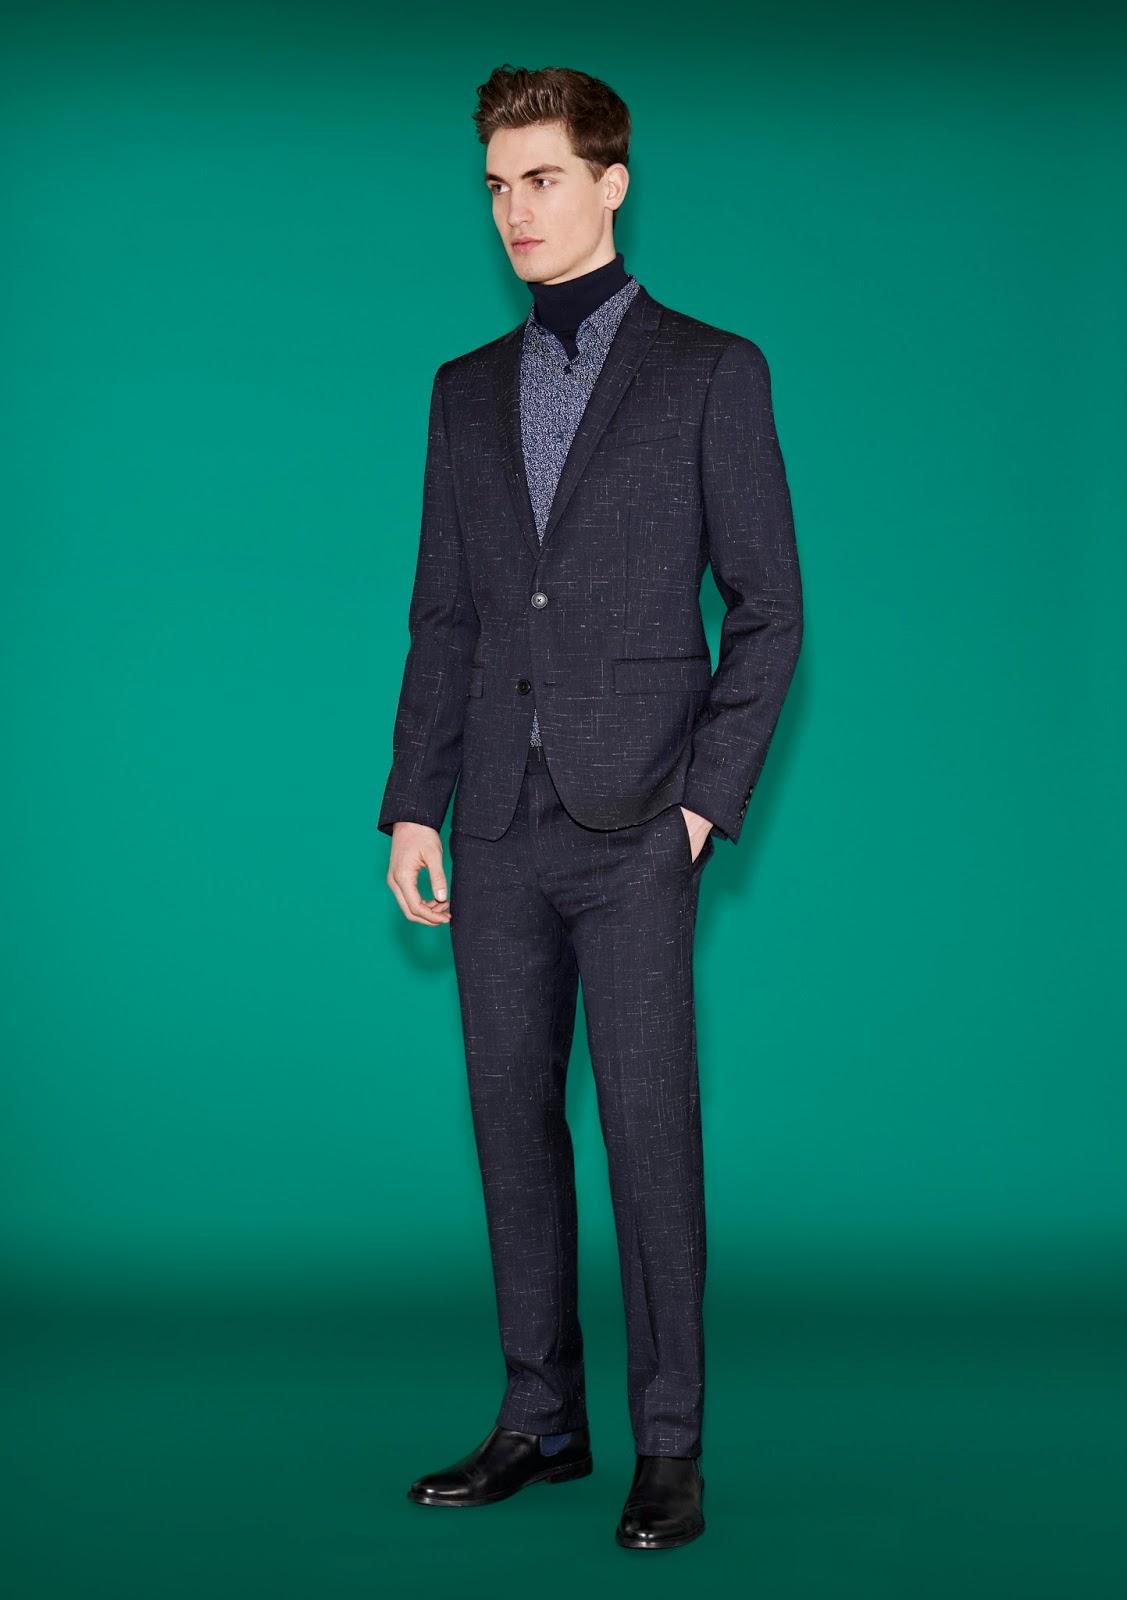 celio toujours au coeur des tendances vous propose plusieurs styles correspondants votre personnalit et reste une des marques incontournables en - Celio Costume Mariage